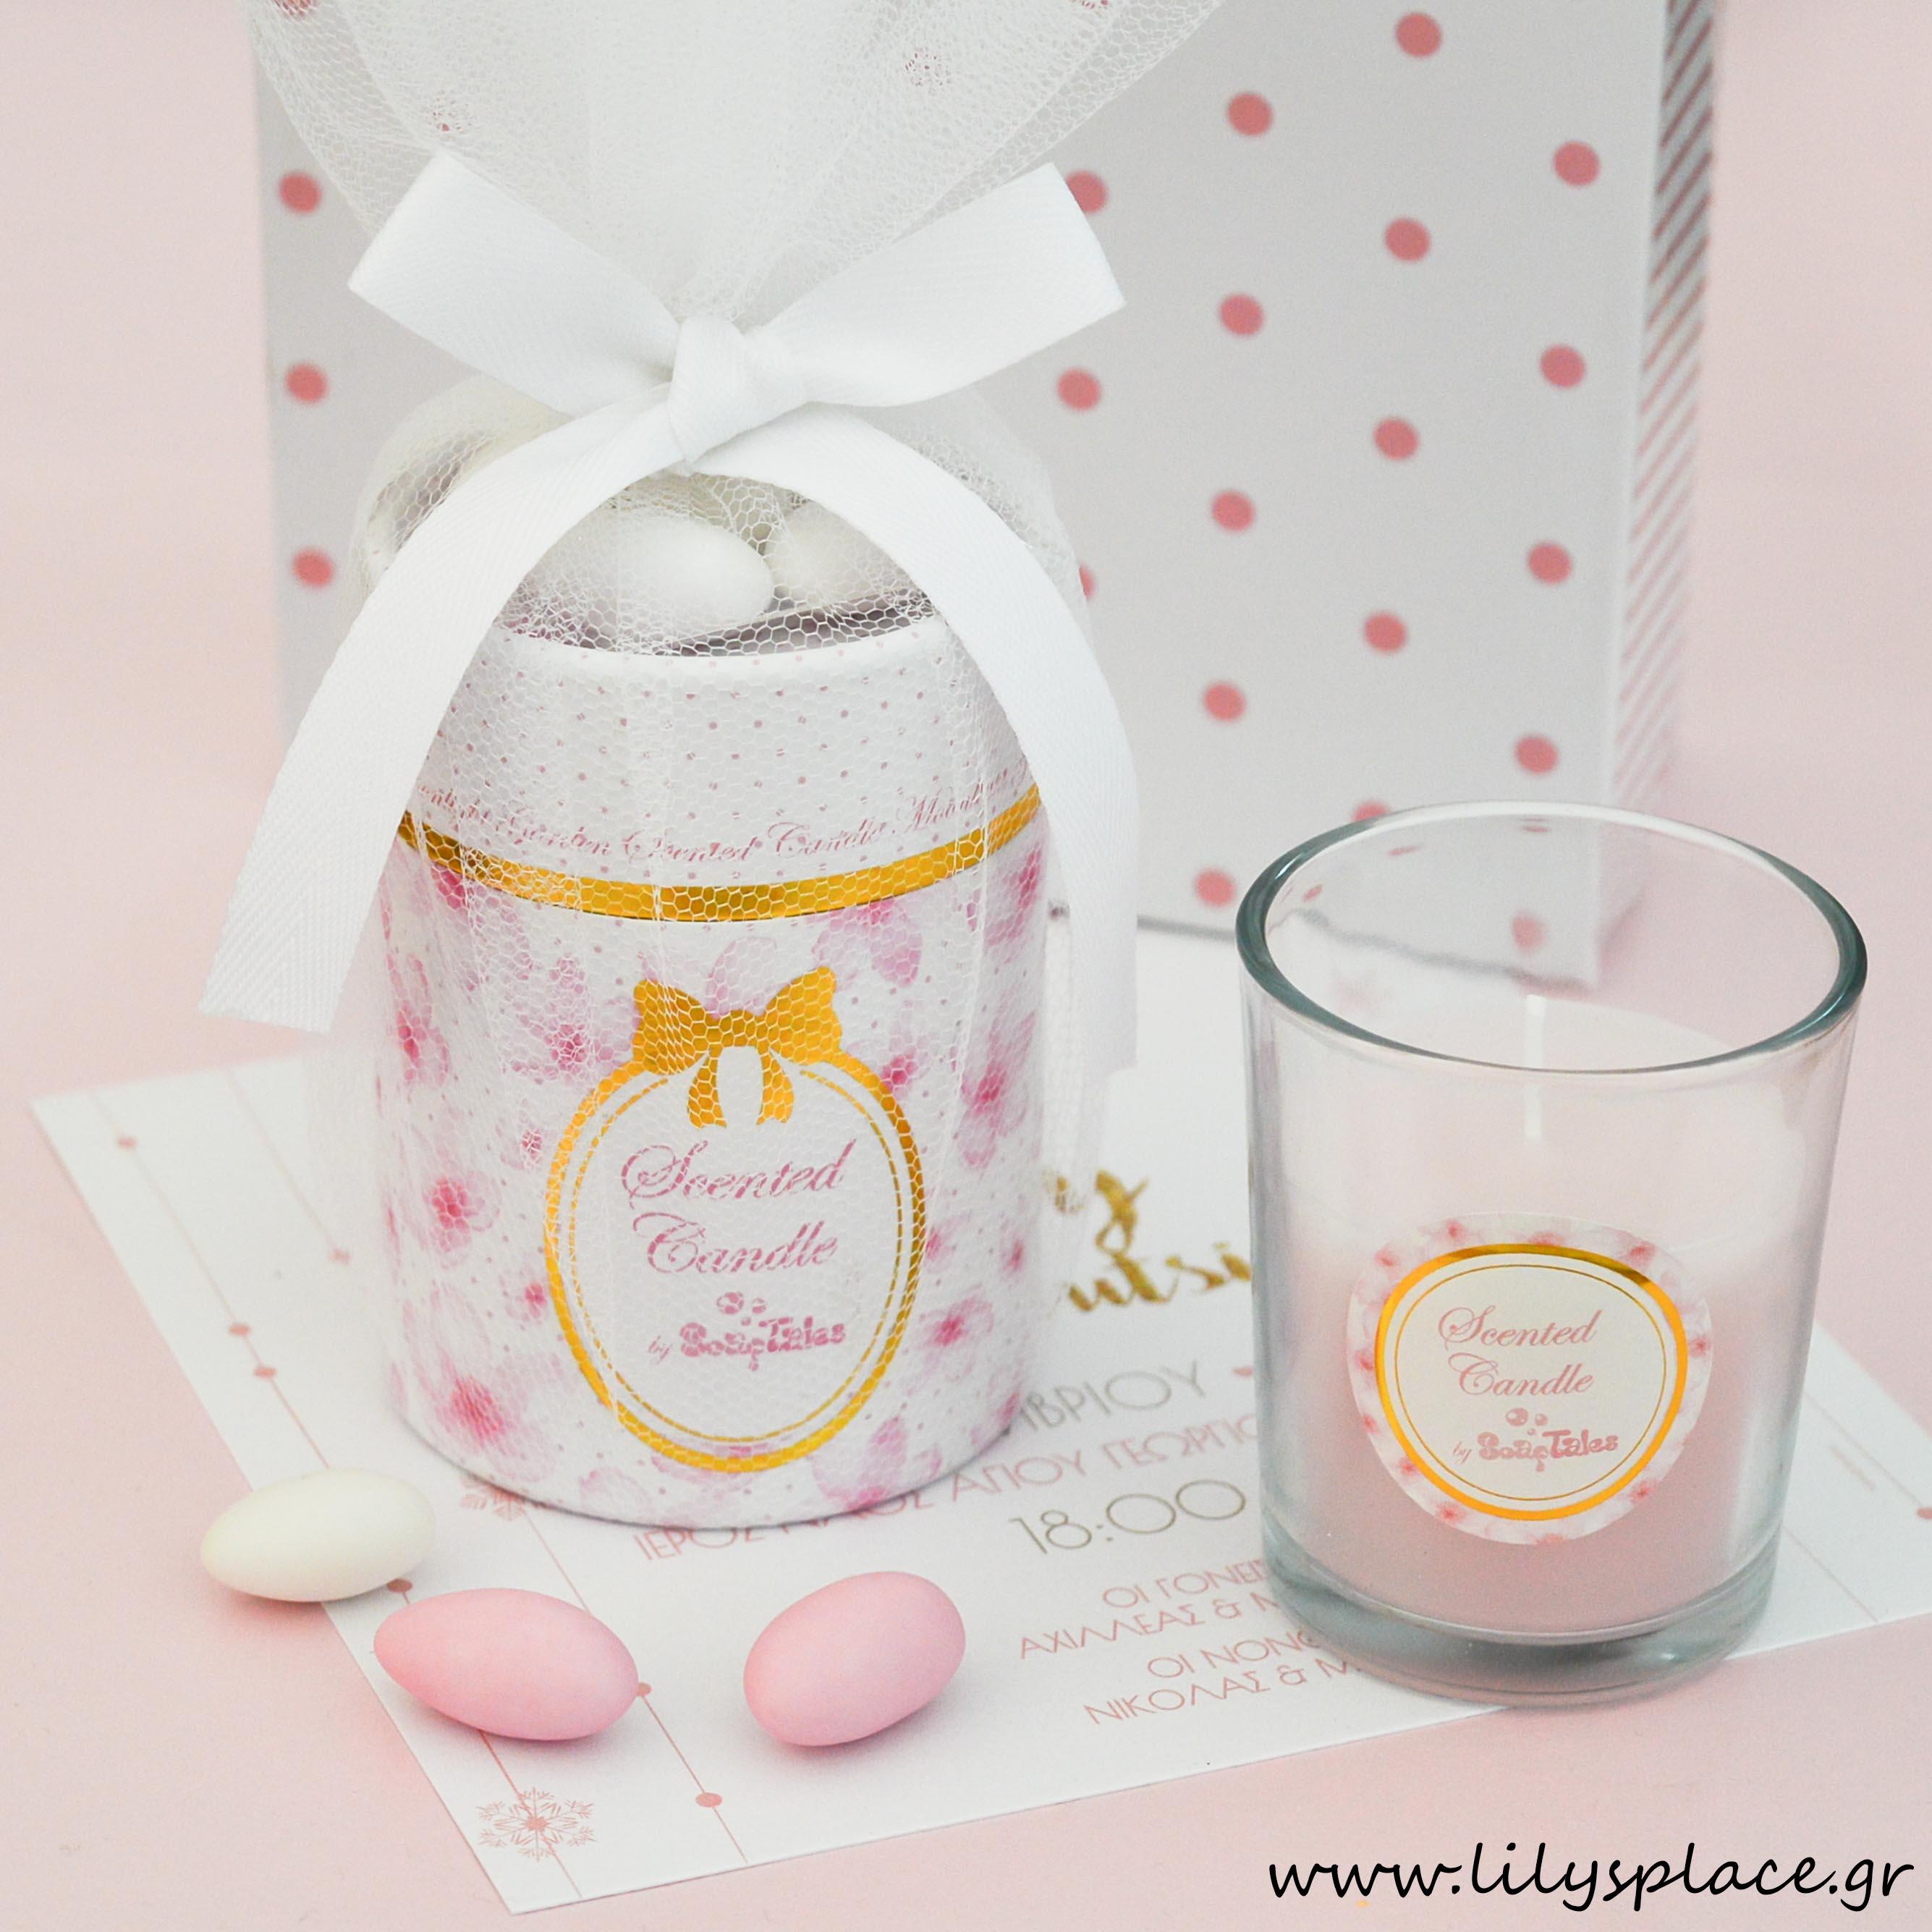 Κερί ροζ λουλούδια σε κουτί